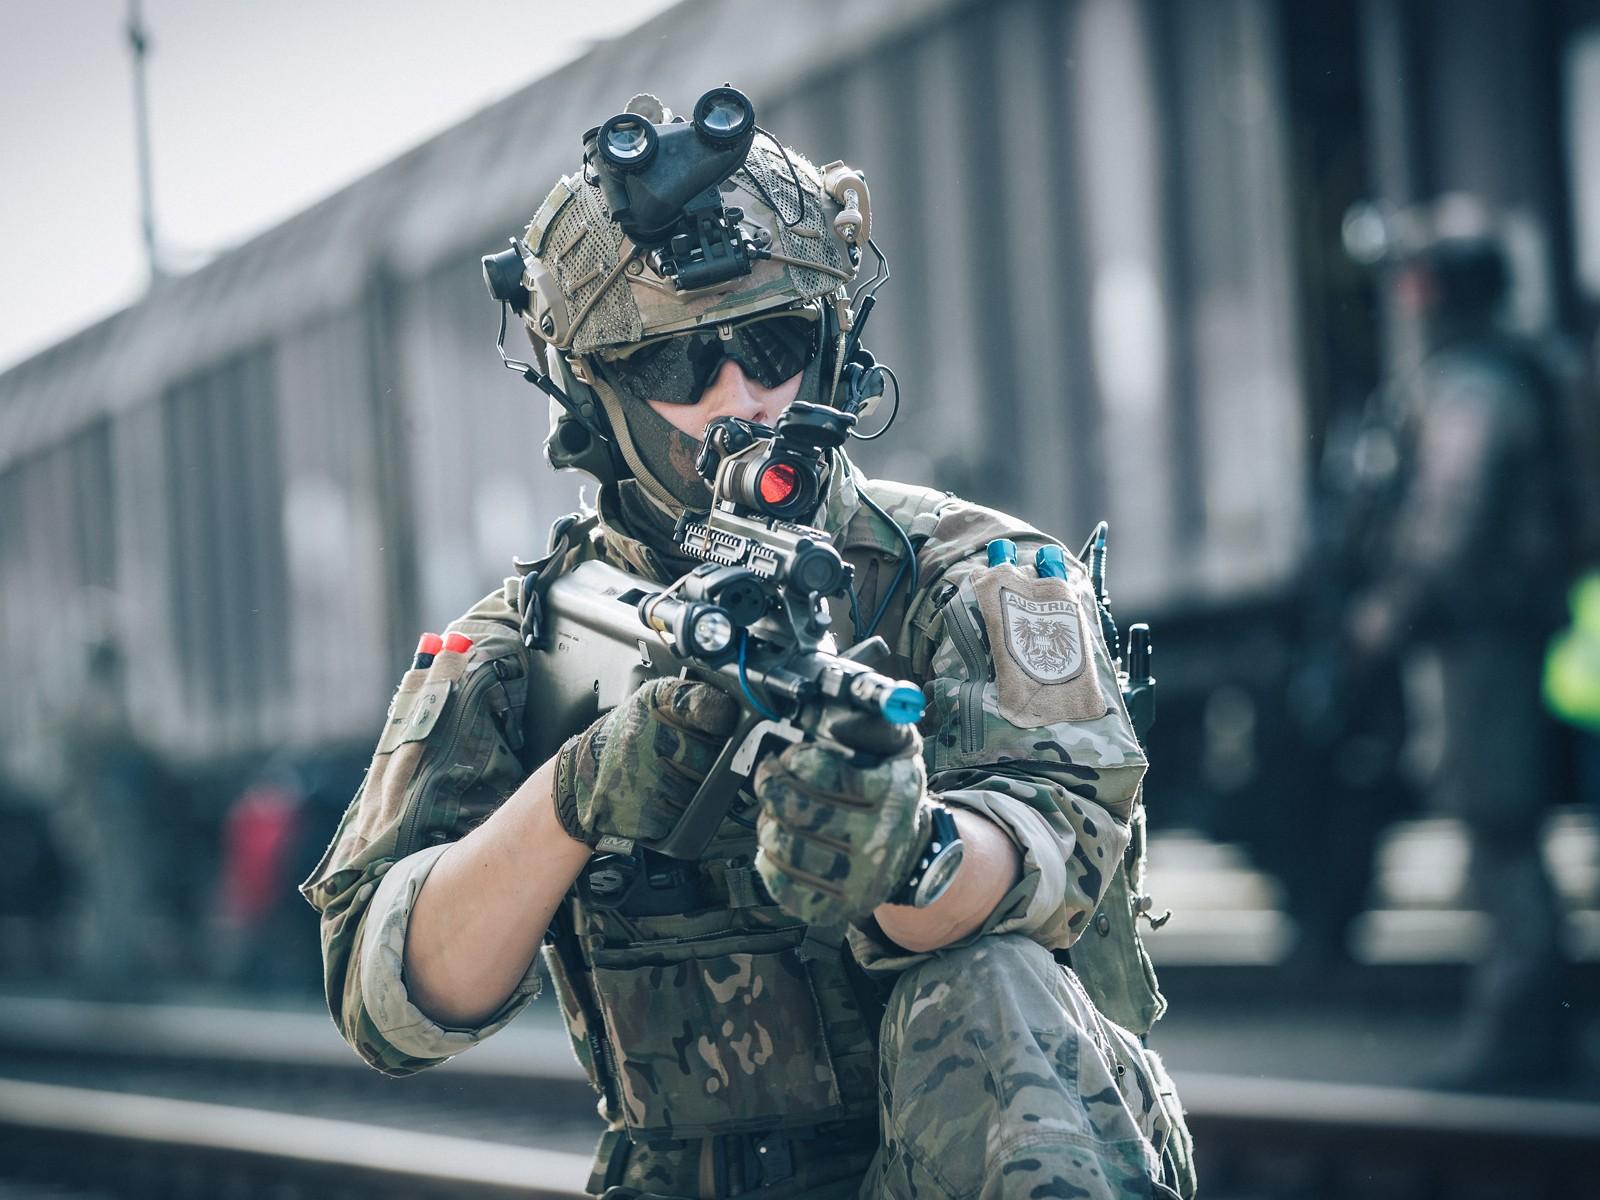 Jagdkommando-Soldaten stürmen einen Zug © Bundesheer